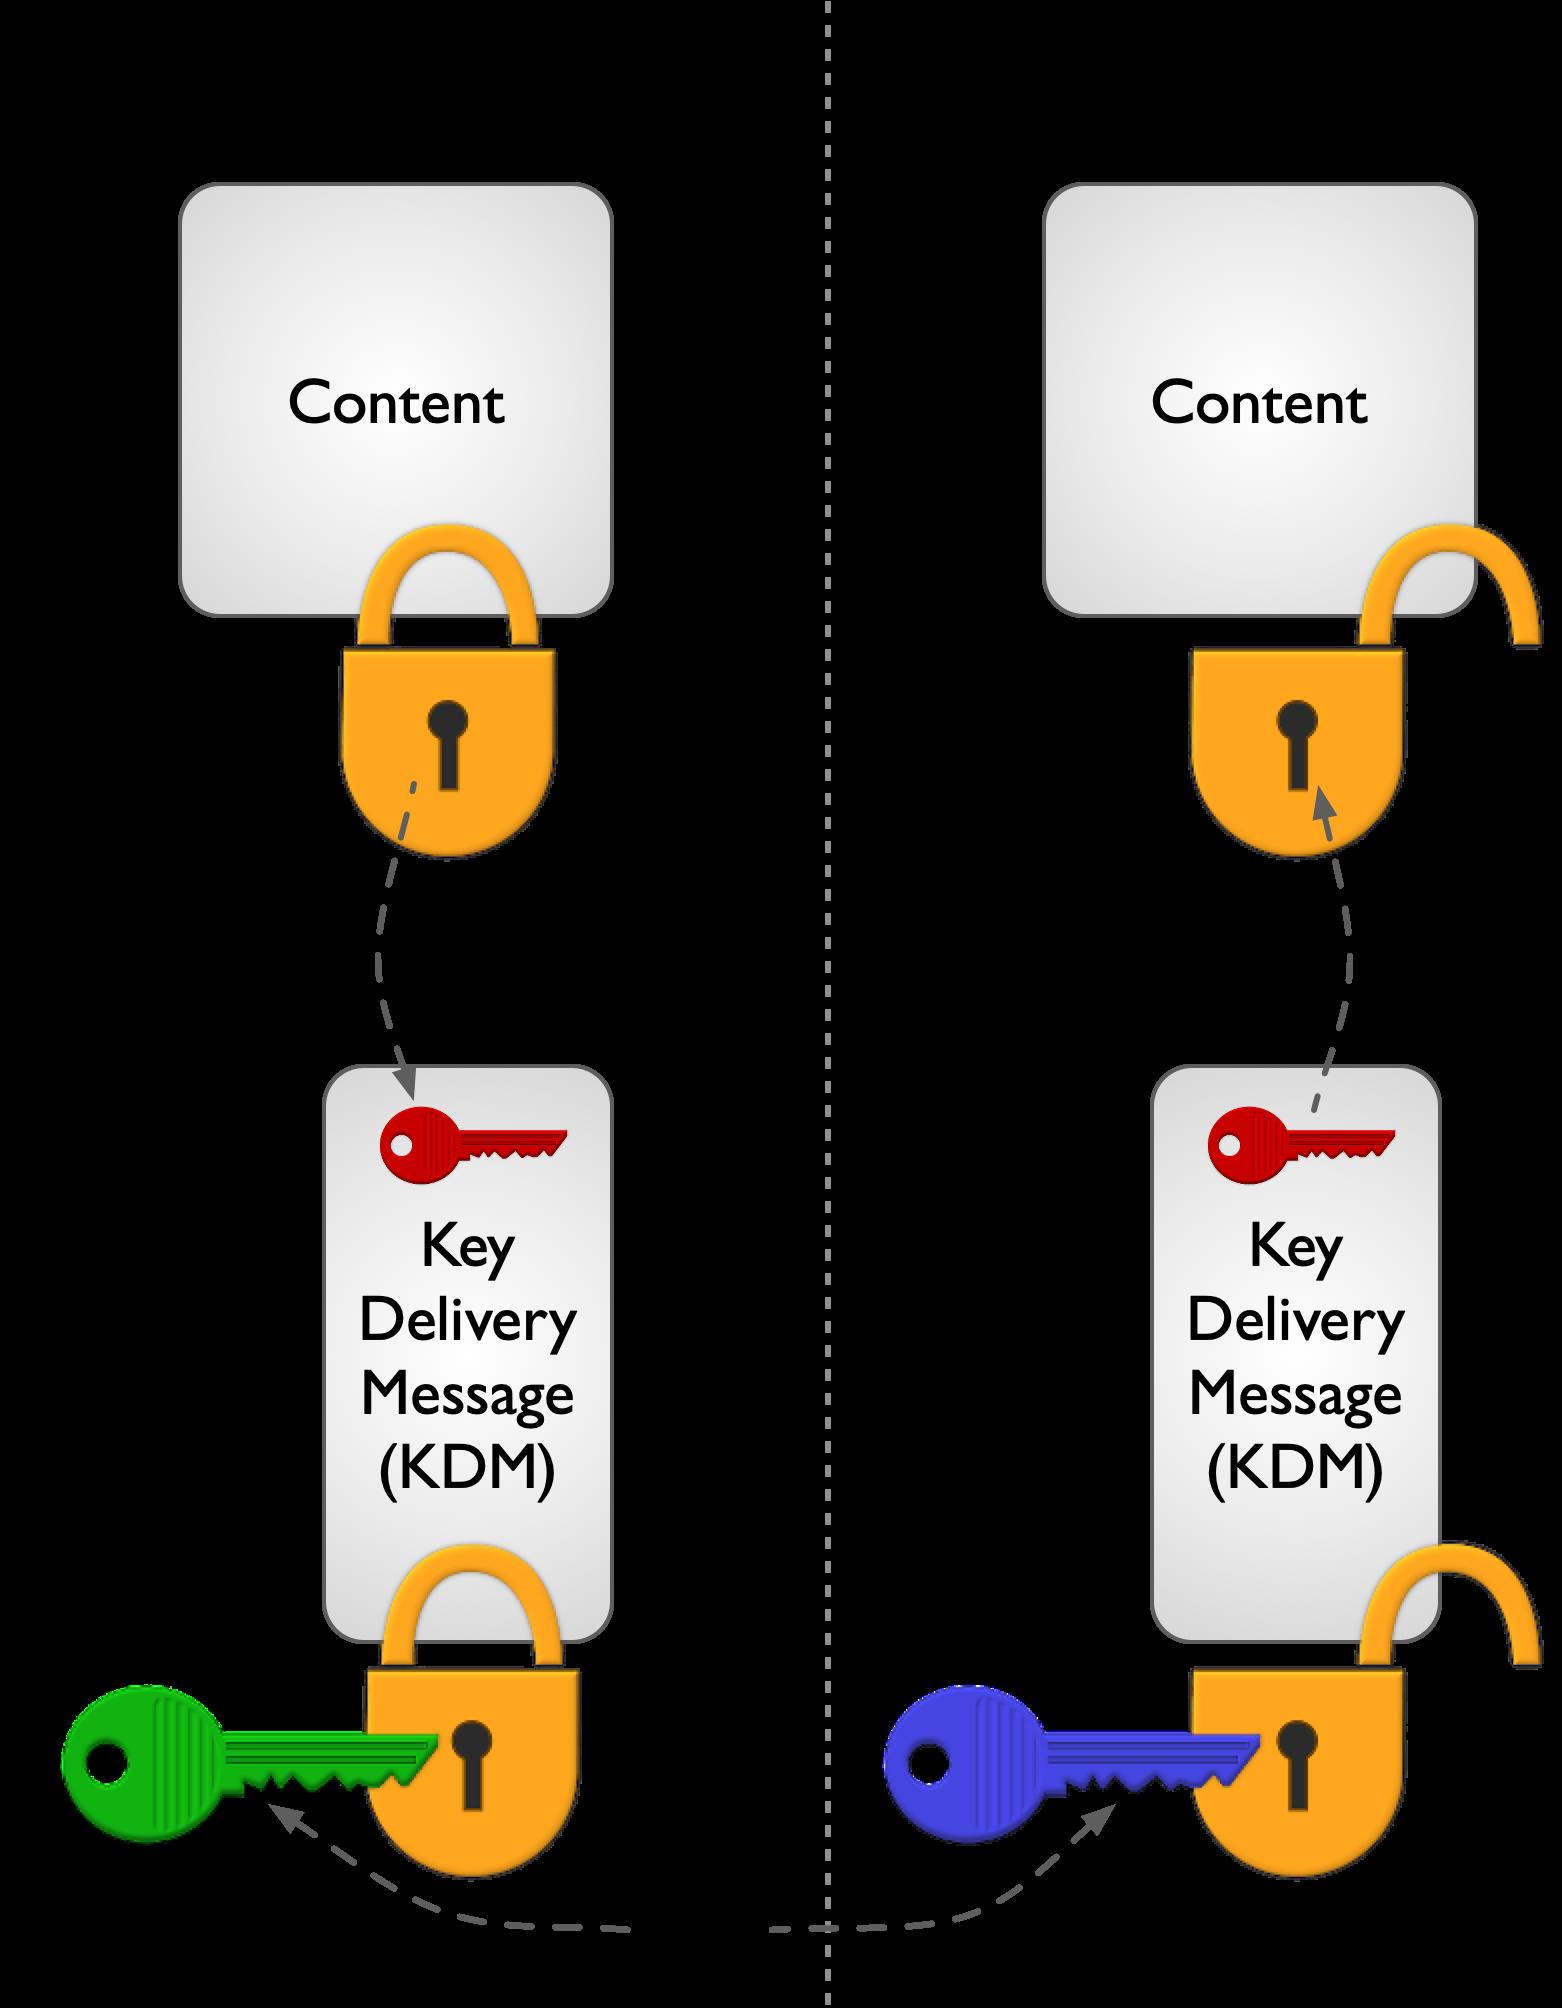 Security Key Workflow in Digital Cinema